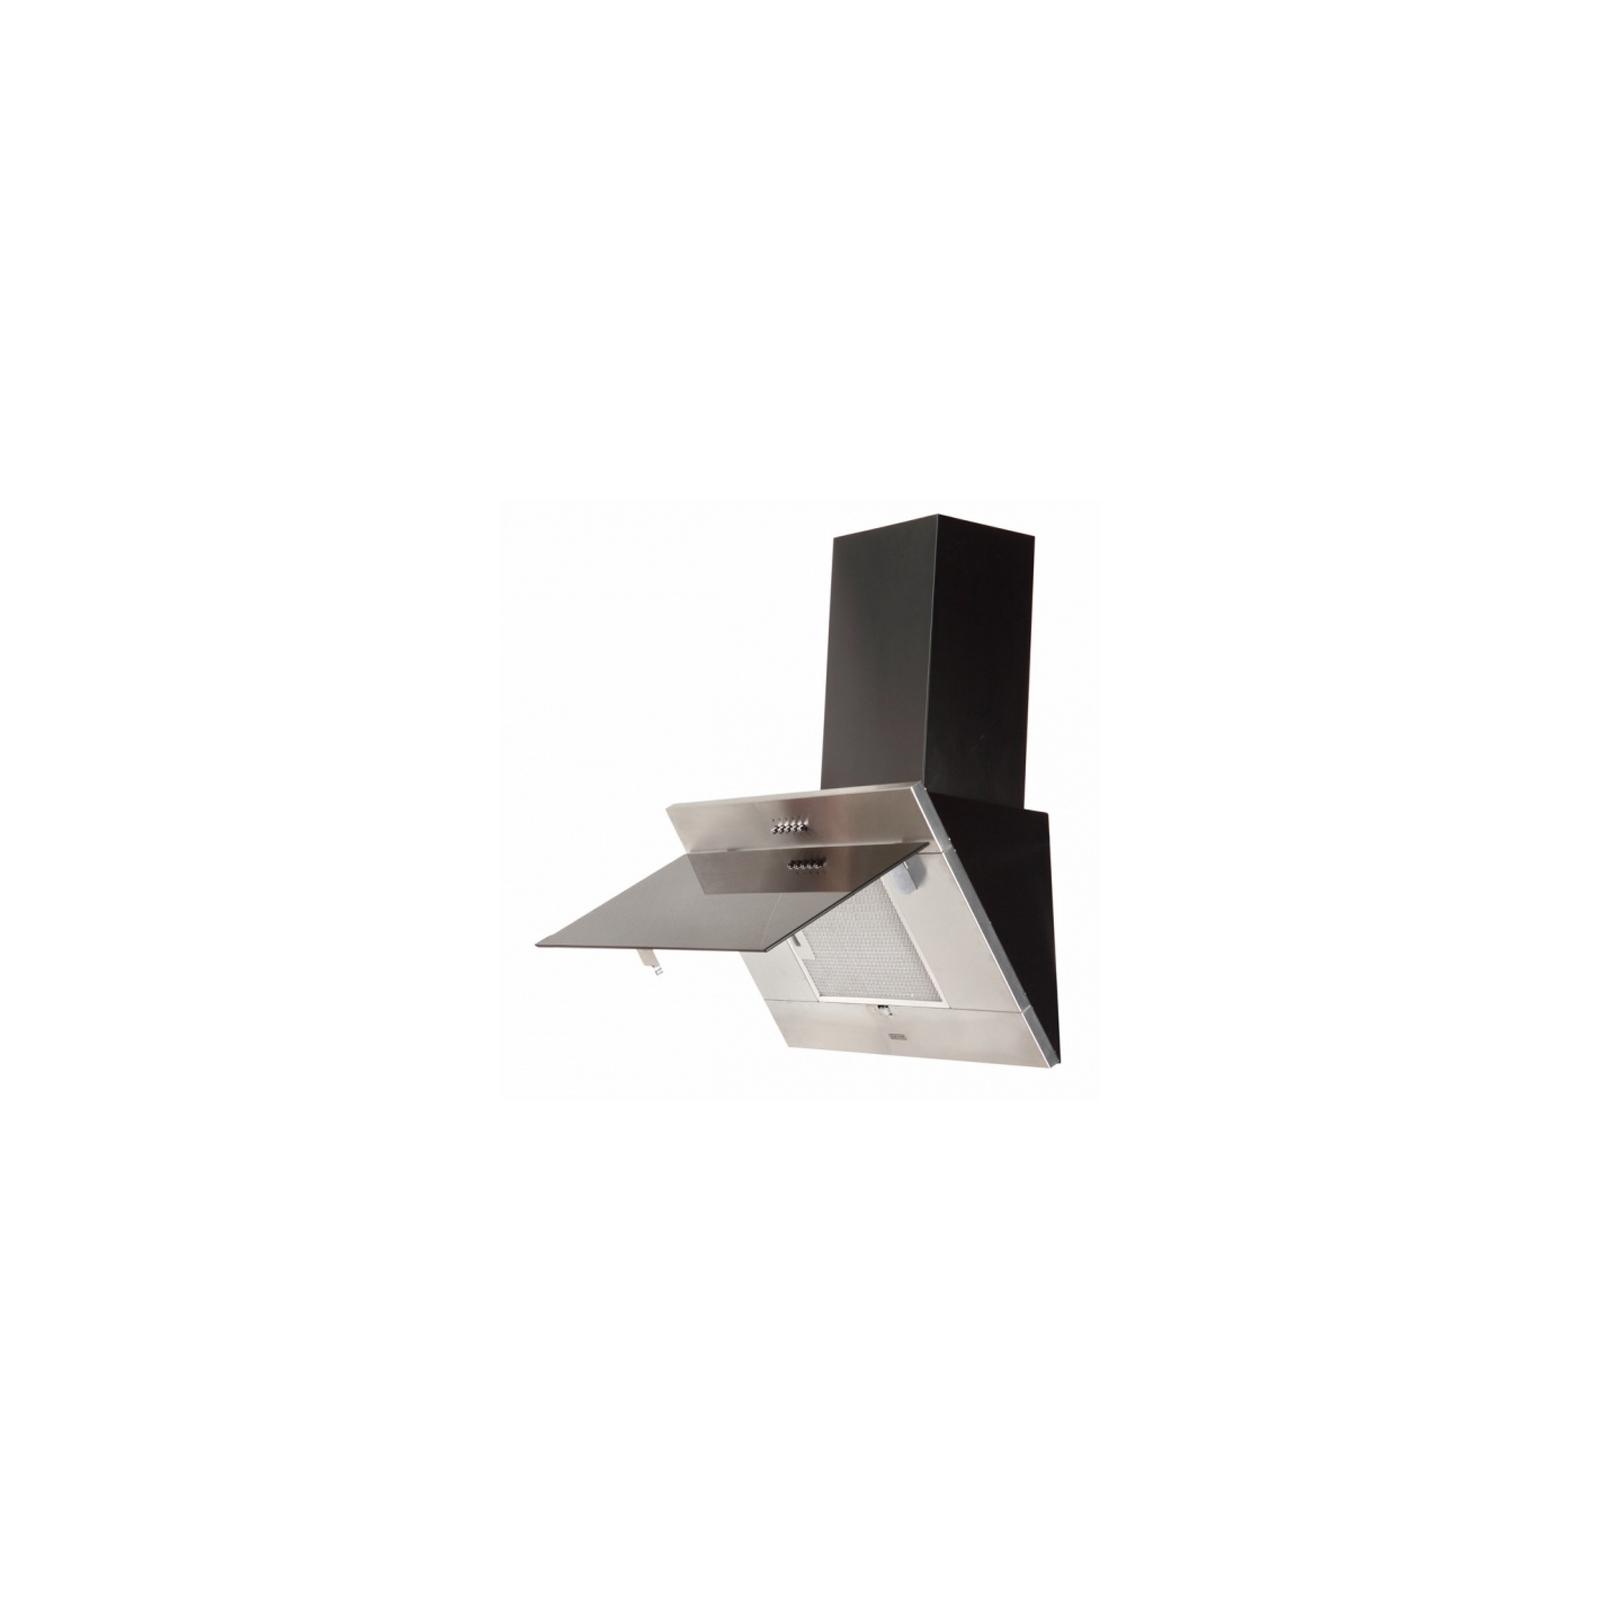 Вытяжка кухонная Eleyus Lana 700 60 IS+BL изображение 4